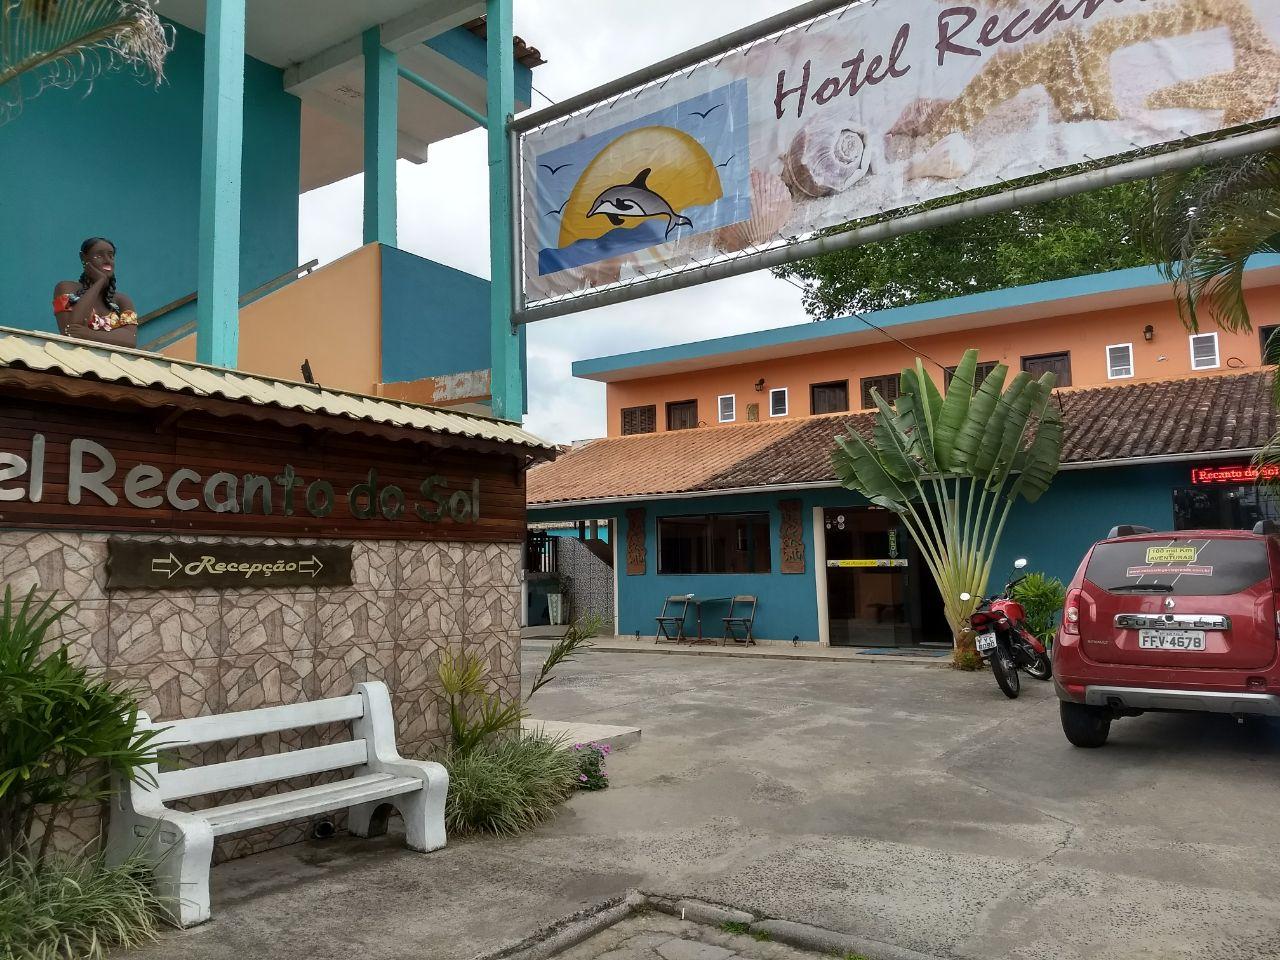 Hotel Recanto do Sol - Cananéia